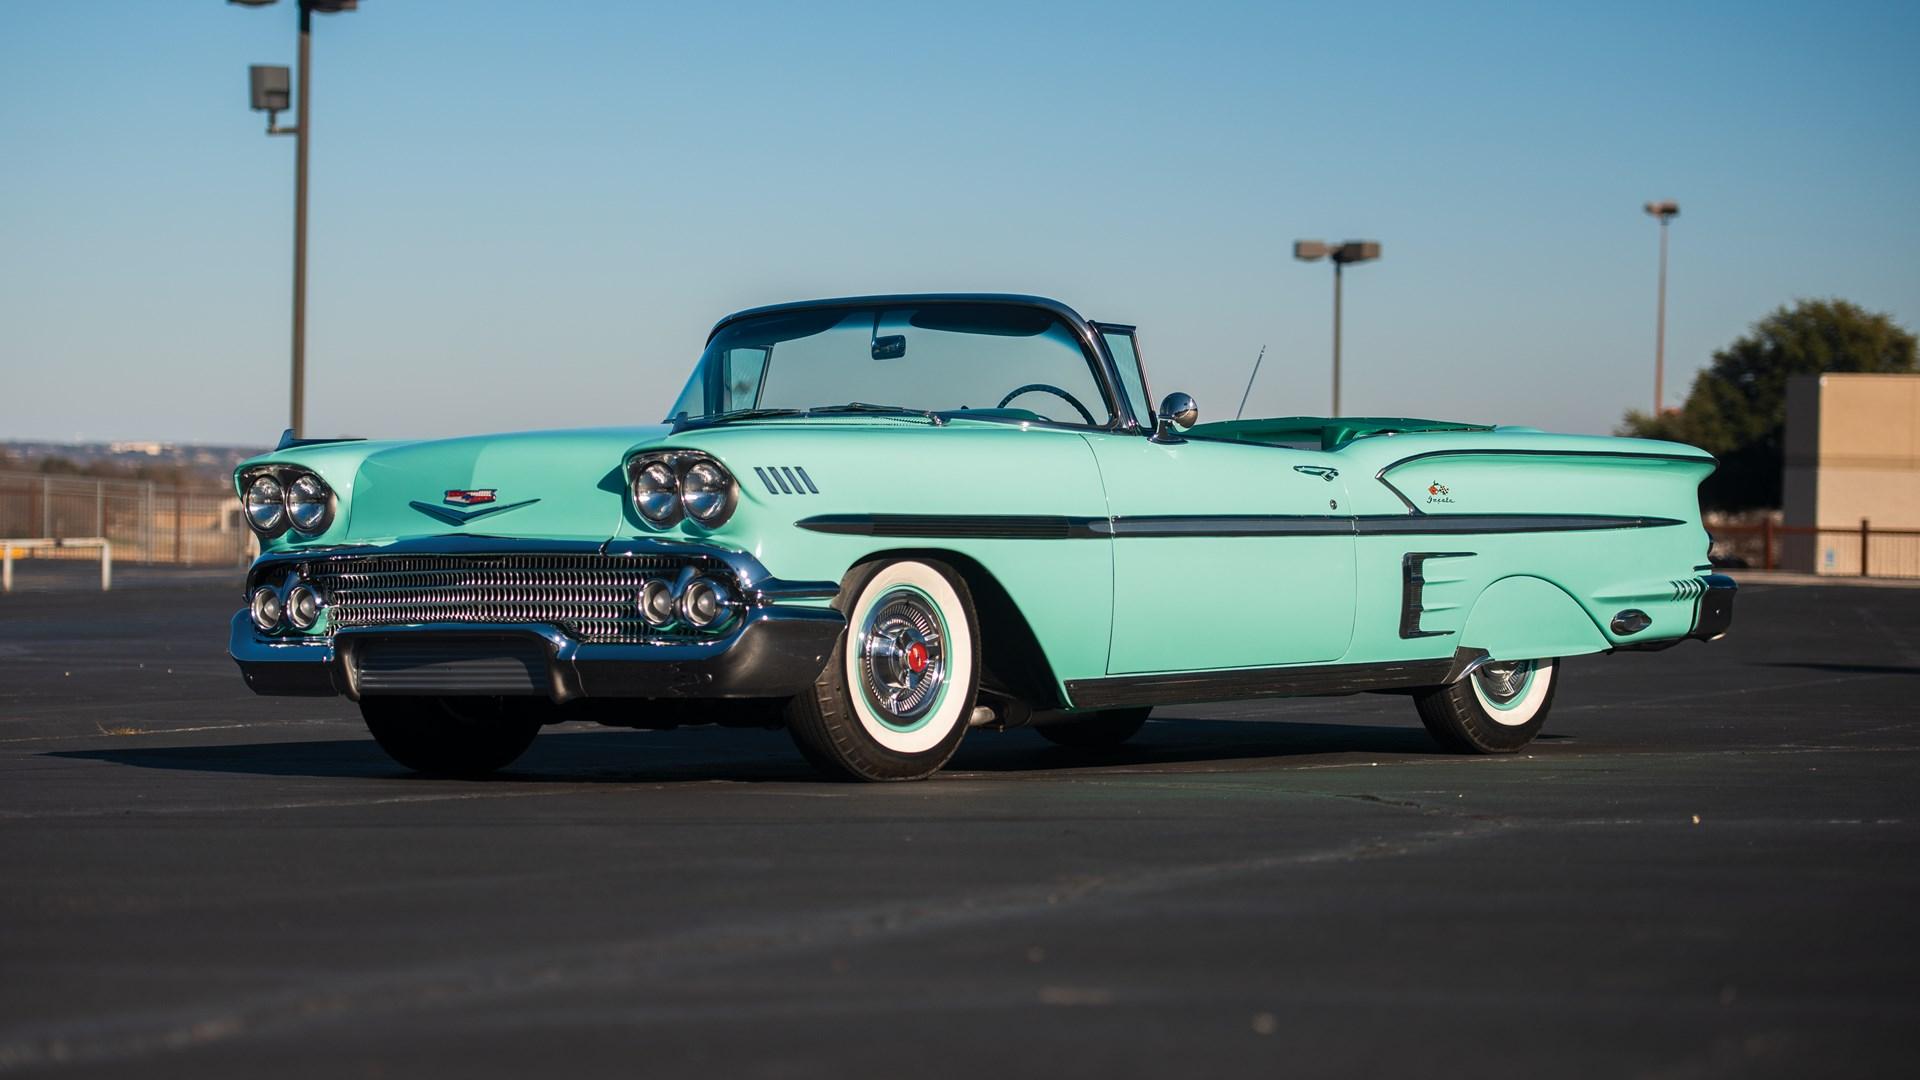 Kelebihan Kekurangan Chevrolet Impala 1958 Murah Berkualitas